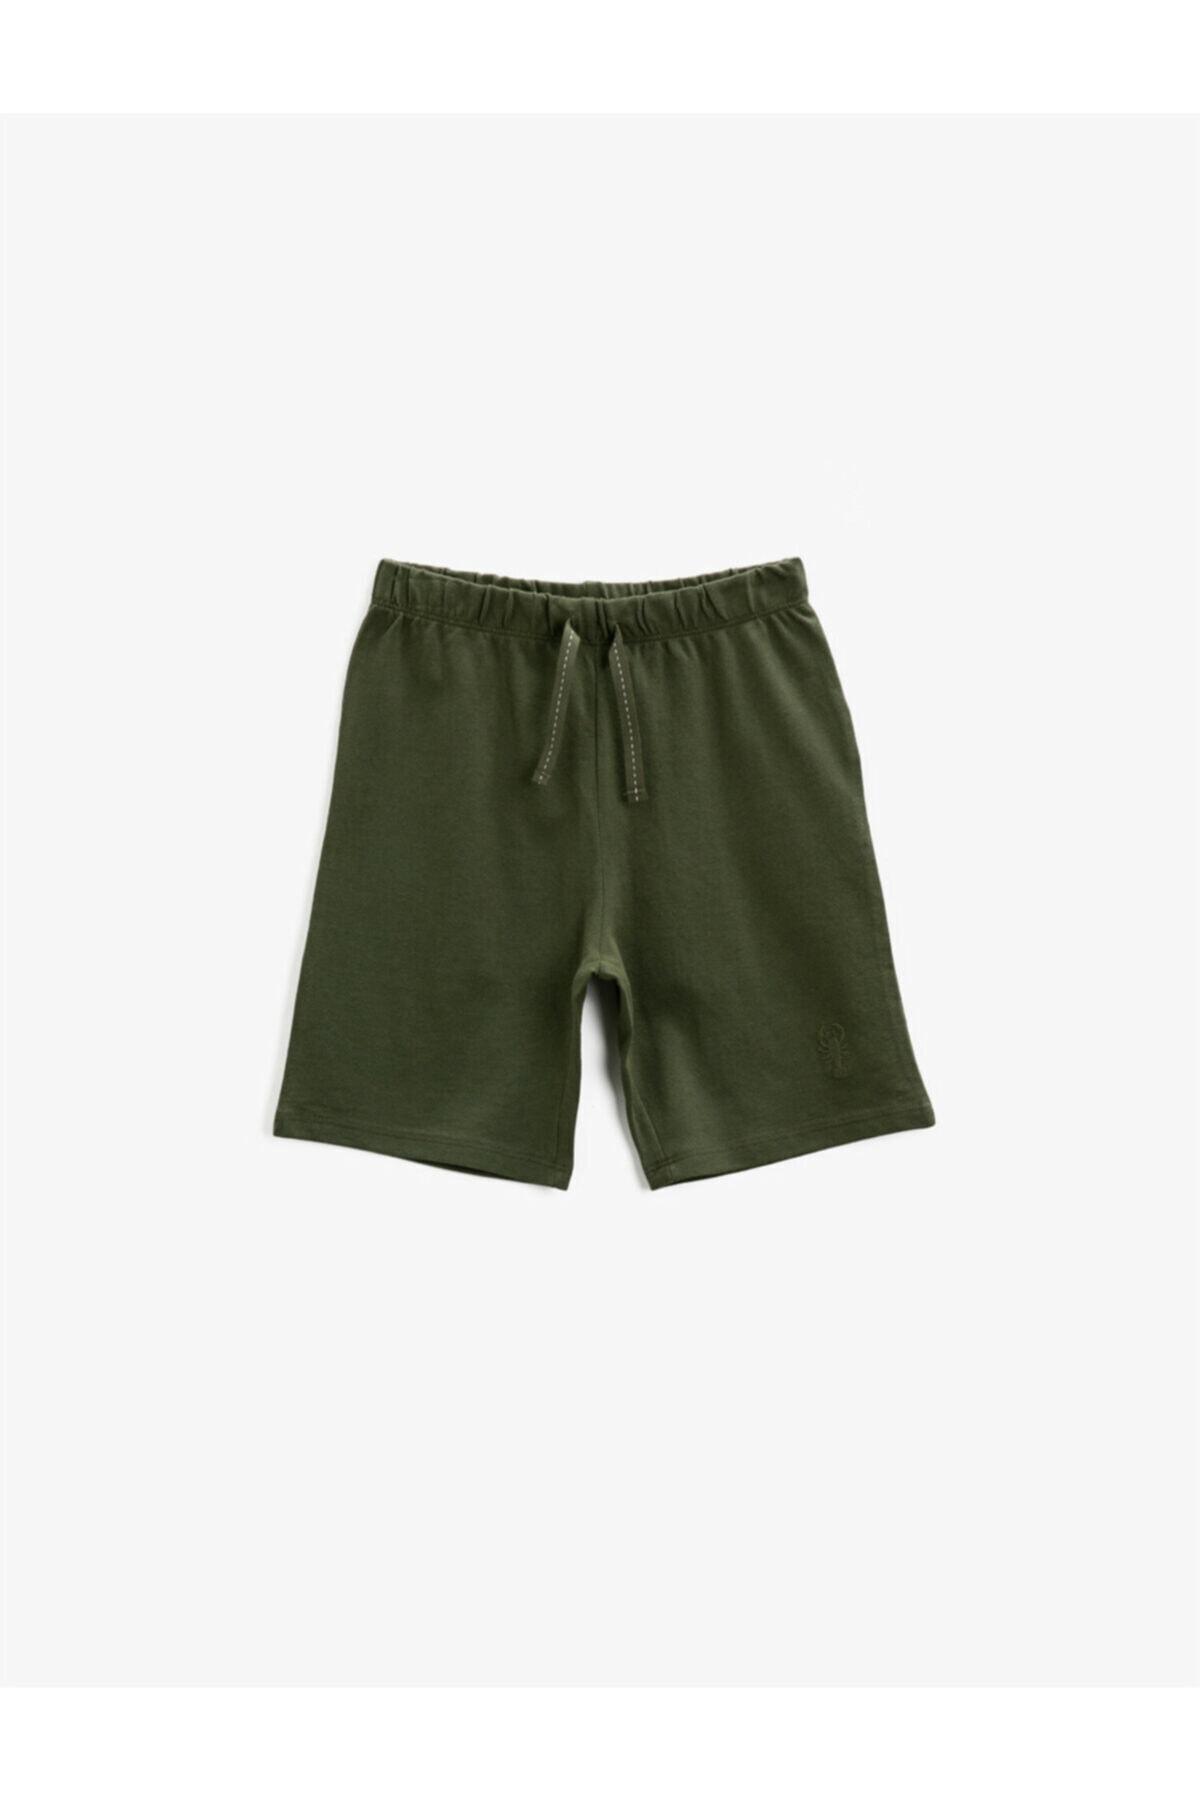 شلوارک فانتزی پسرانه برند کوتون رنگ سبز کد ty98333953